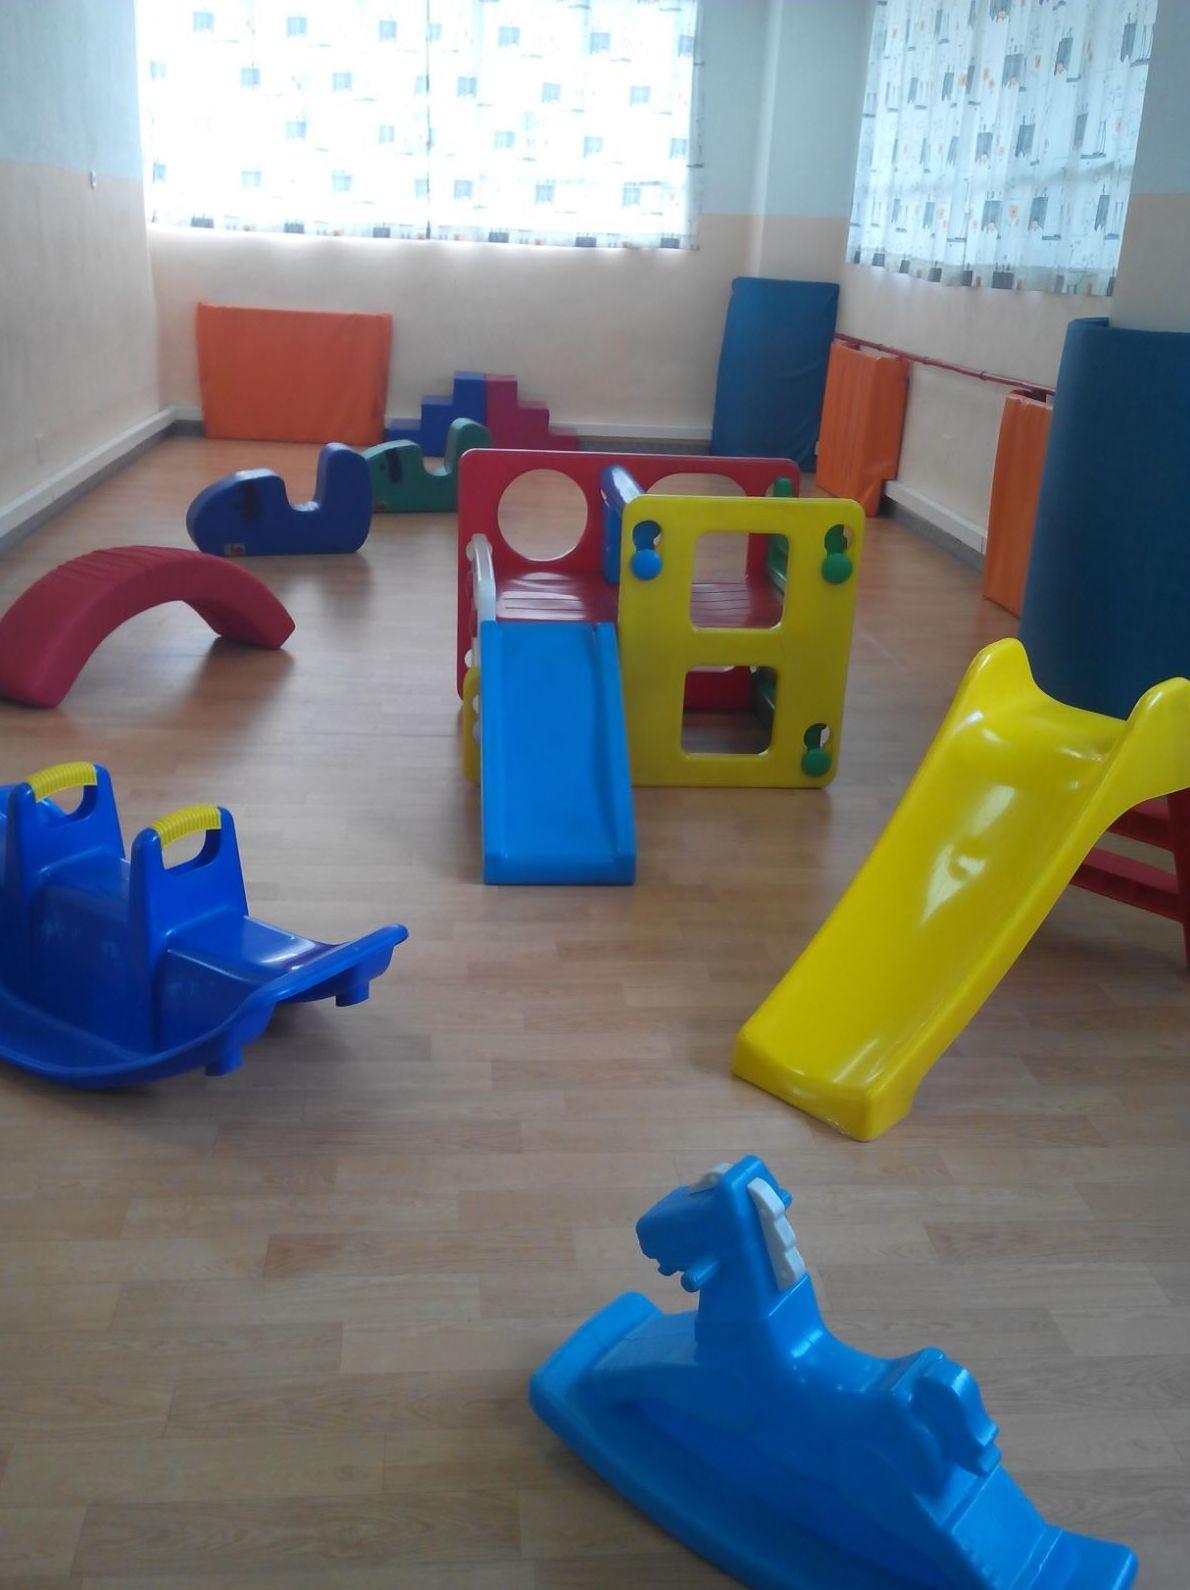 Foto 10 de Guarderías y Escuelas infantiles en Madrid | Santa Mónica - Garabatos